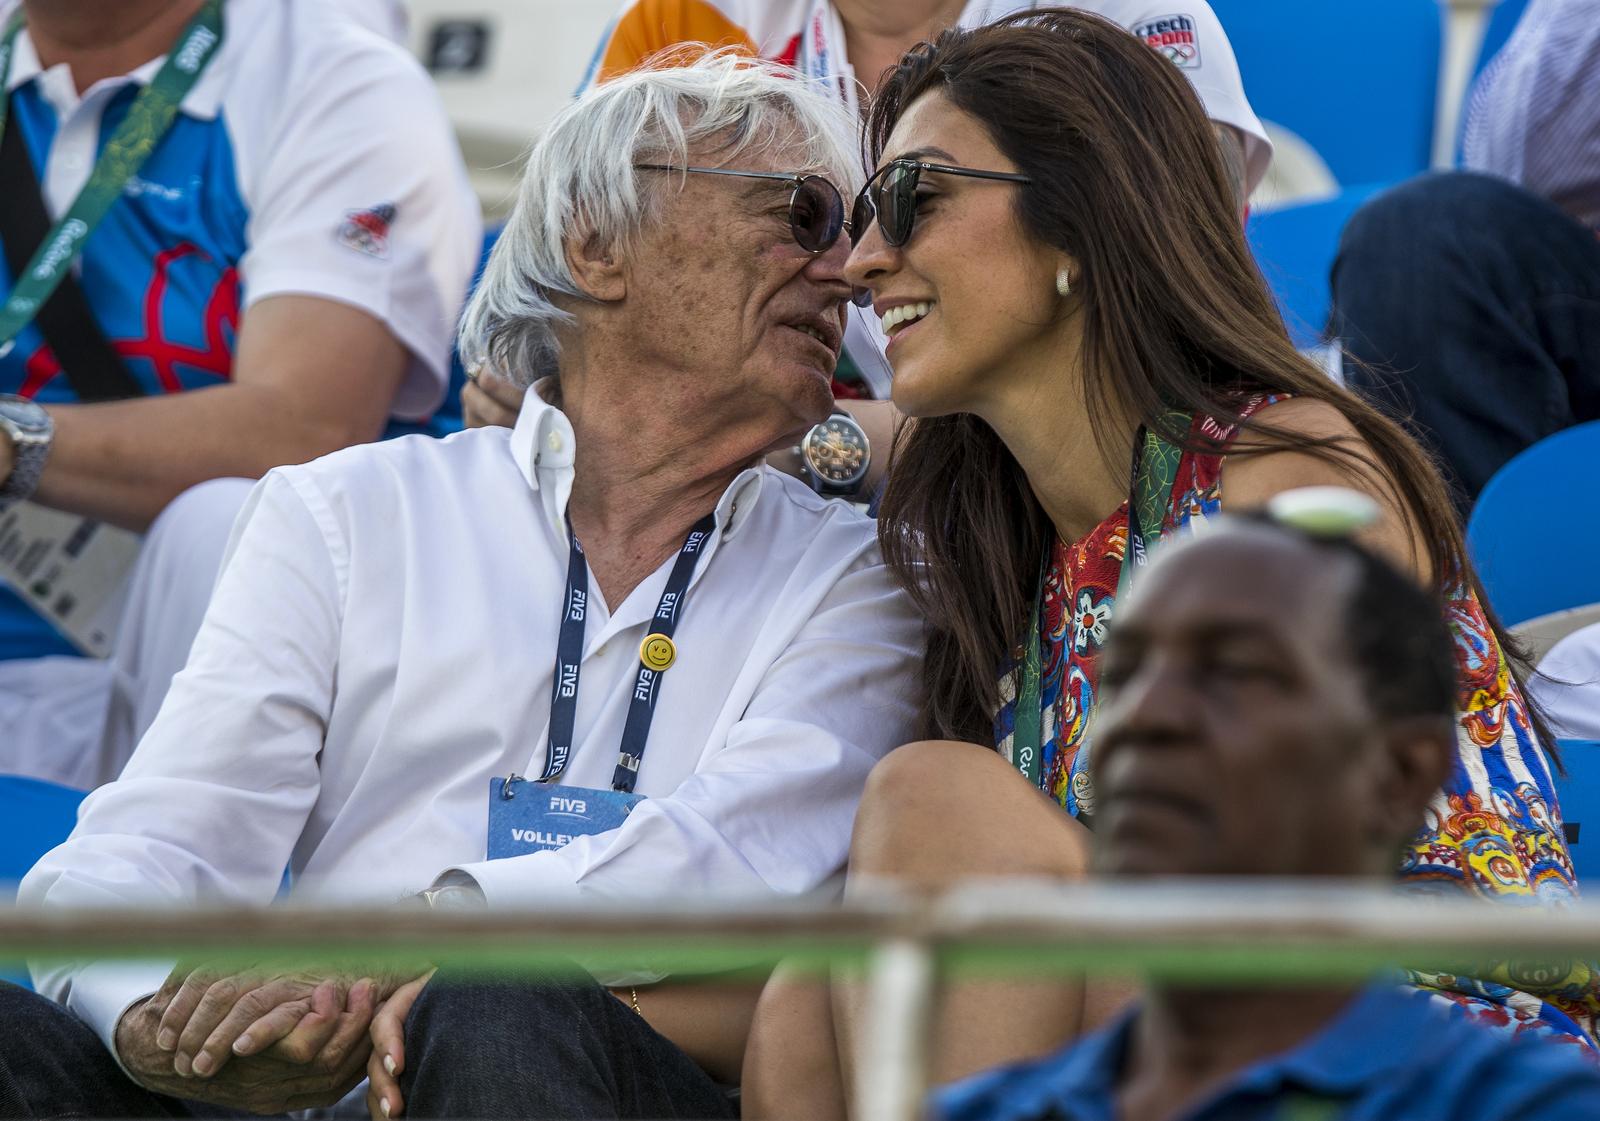 Глава Формулы-1 Берни Экклстоун со своей молодой супругой был замечен не одной из олимпийских трибун